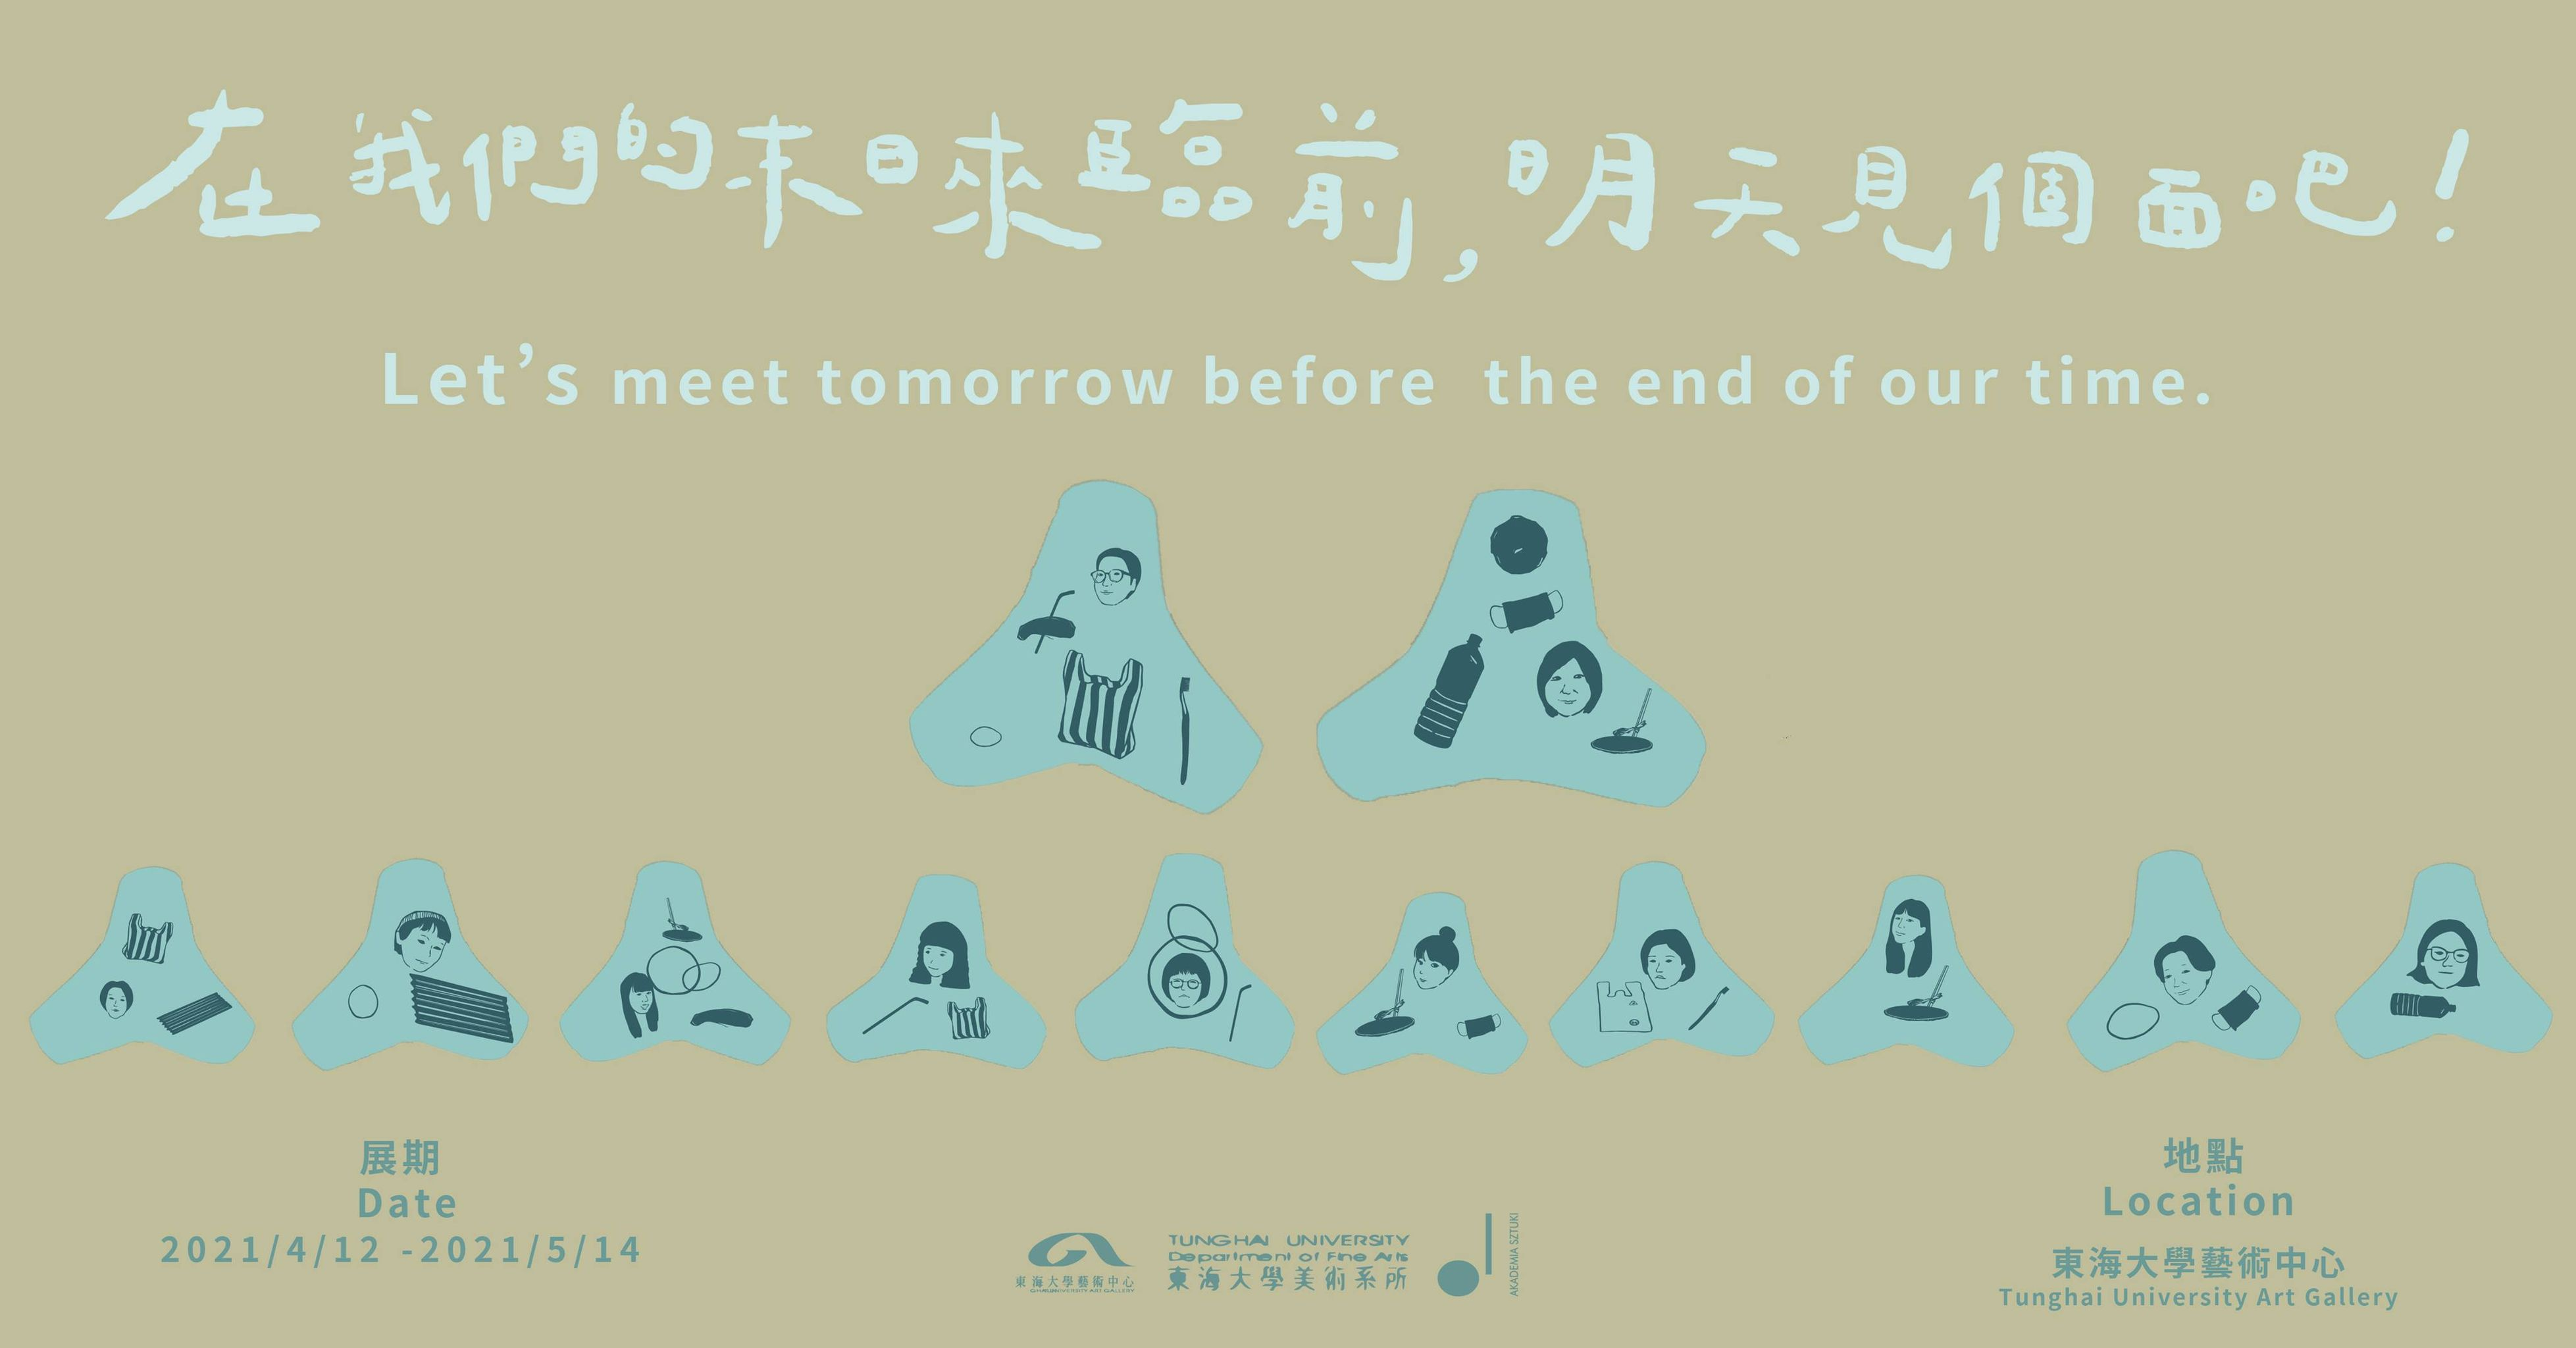 在我們的末日來臨前,明天見個面吧!(2021/04/12 -5/14)